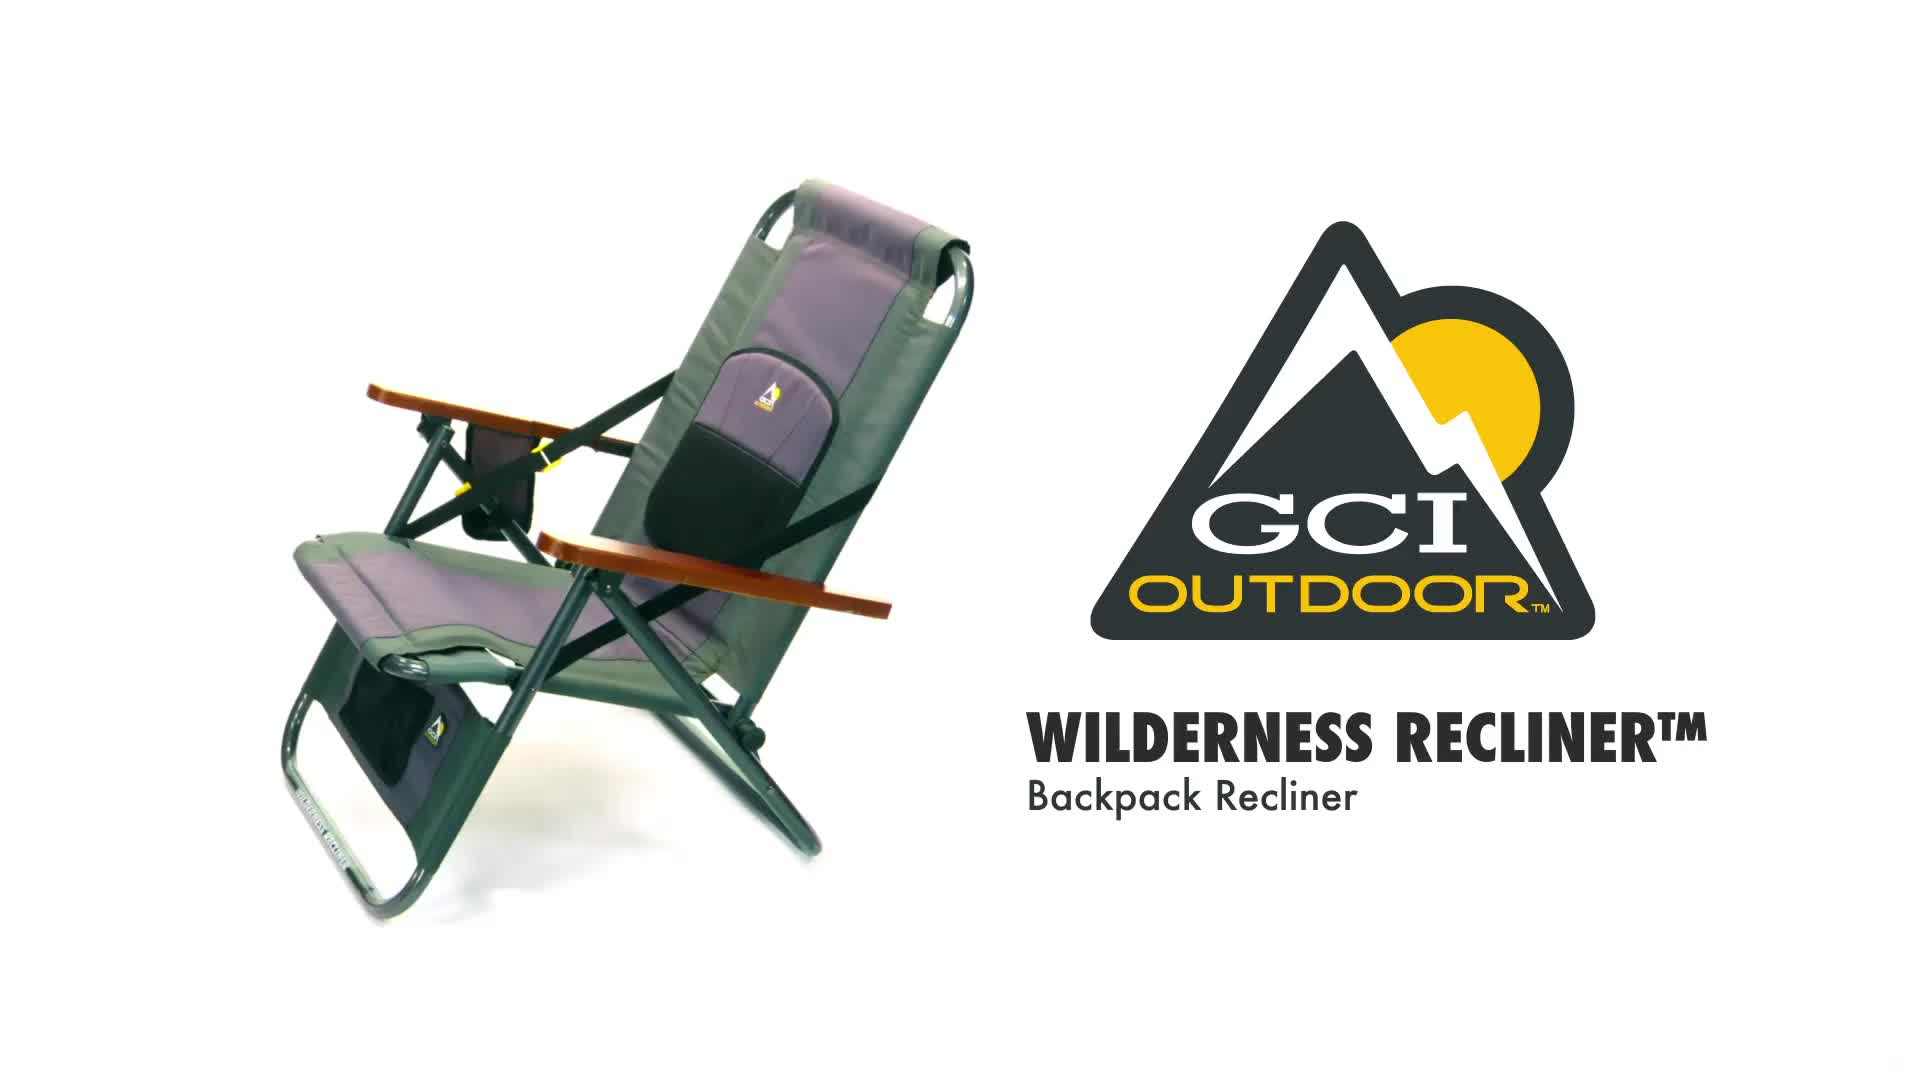 GCI Wilderness Recliner